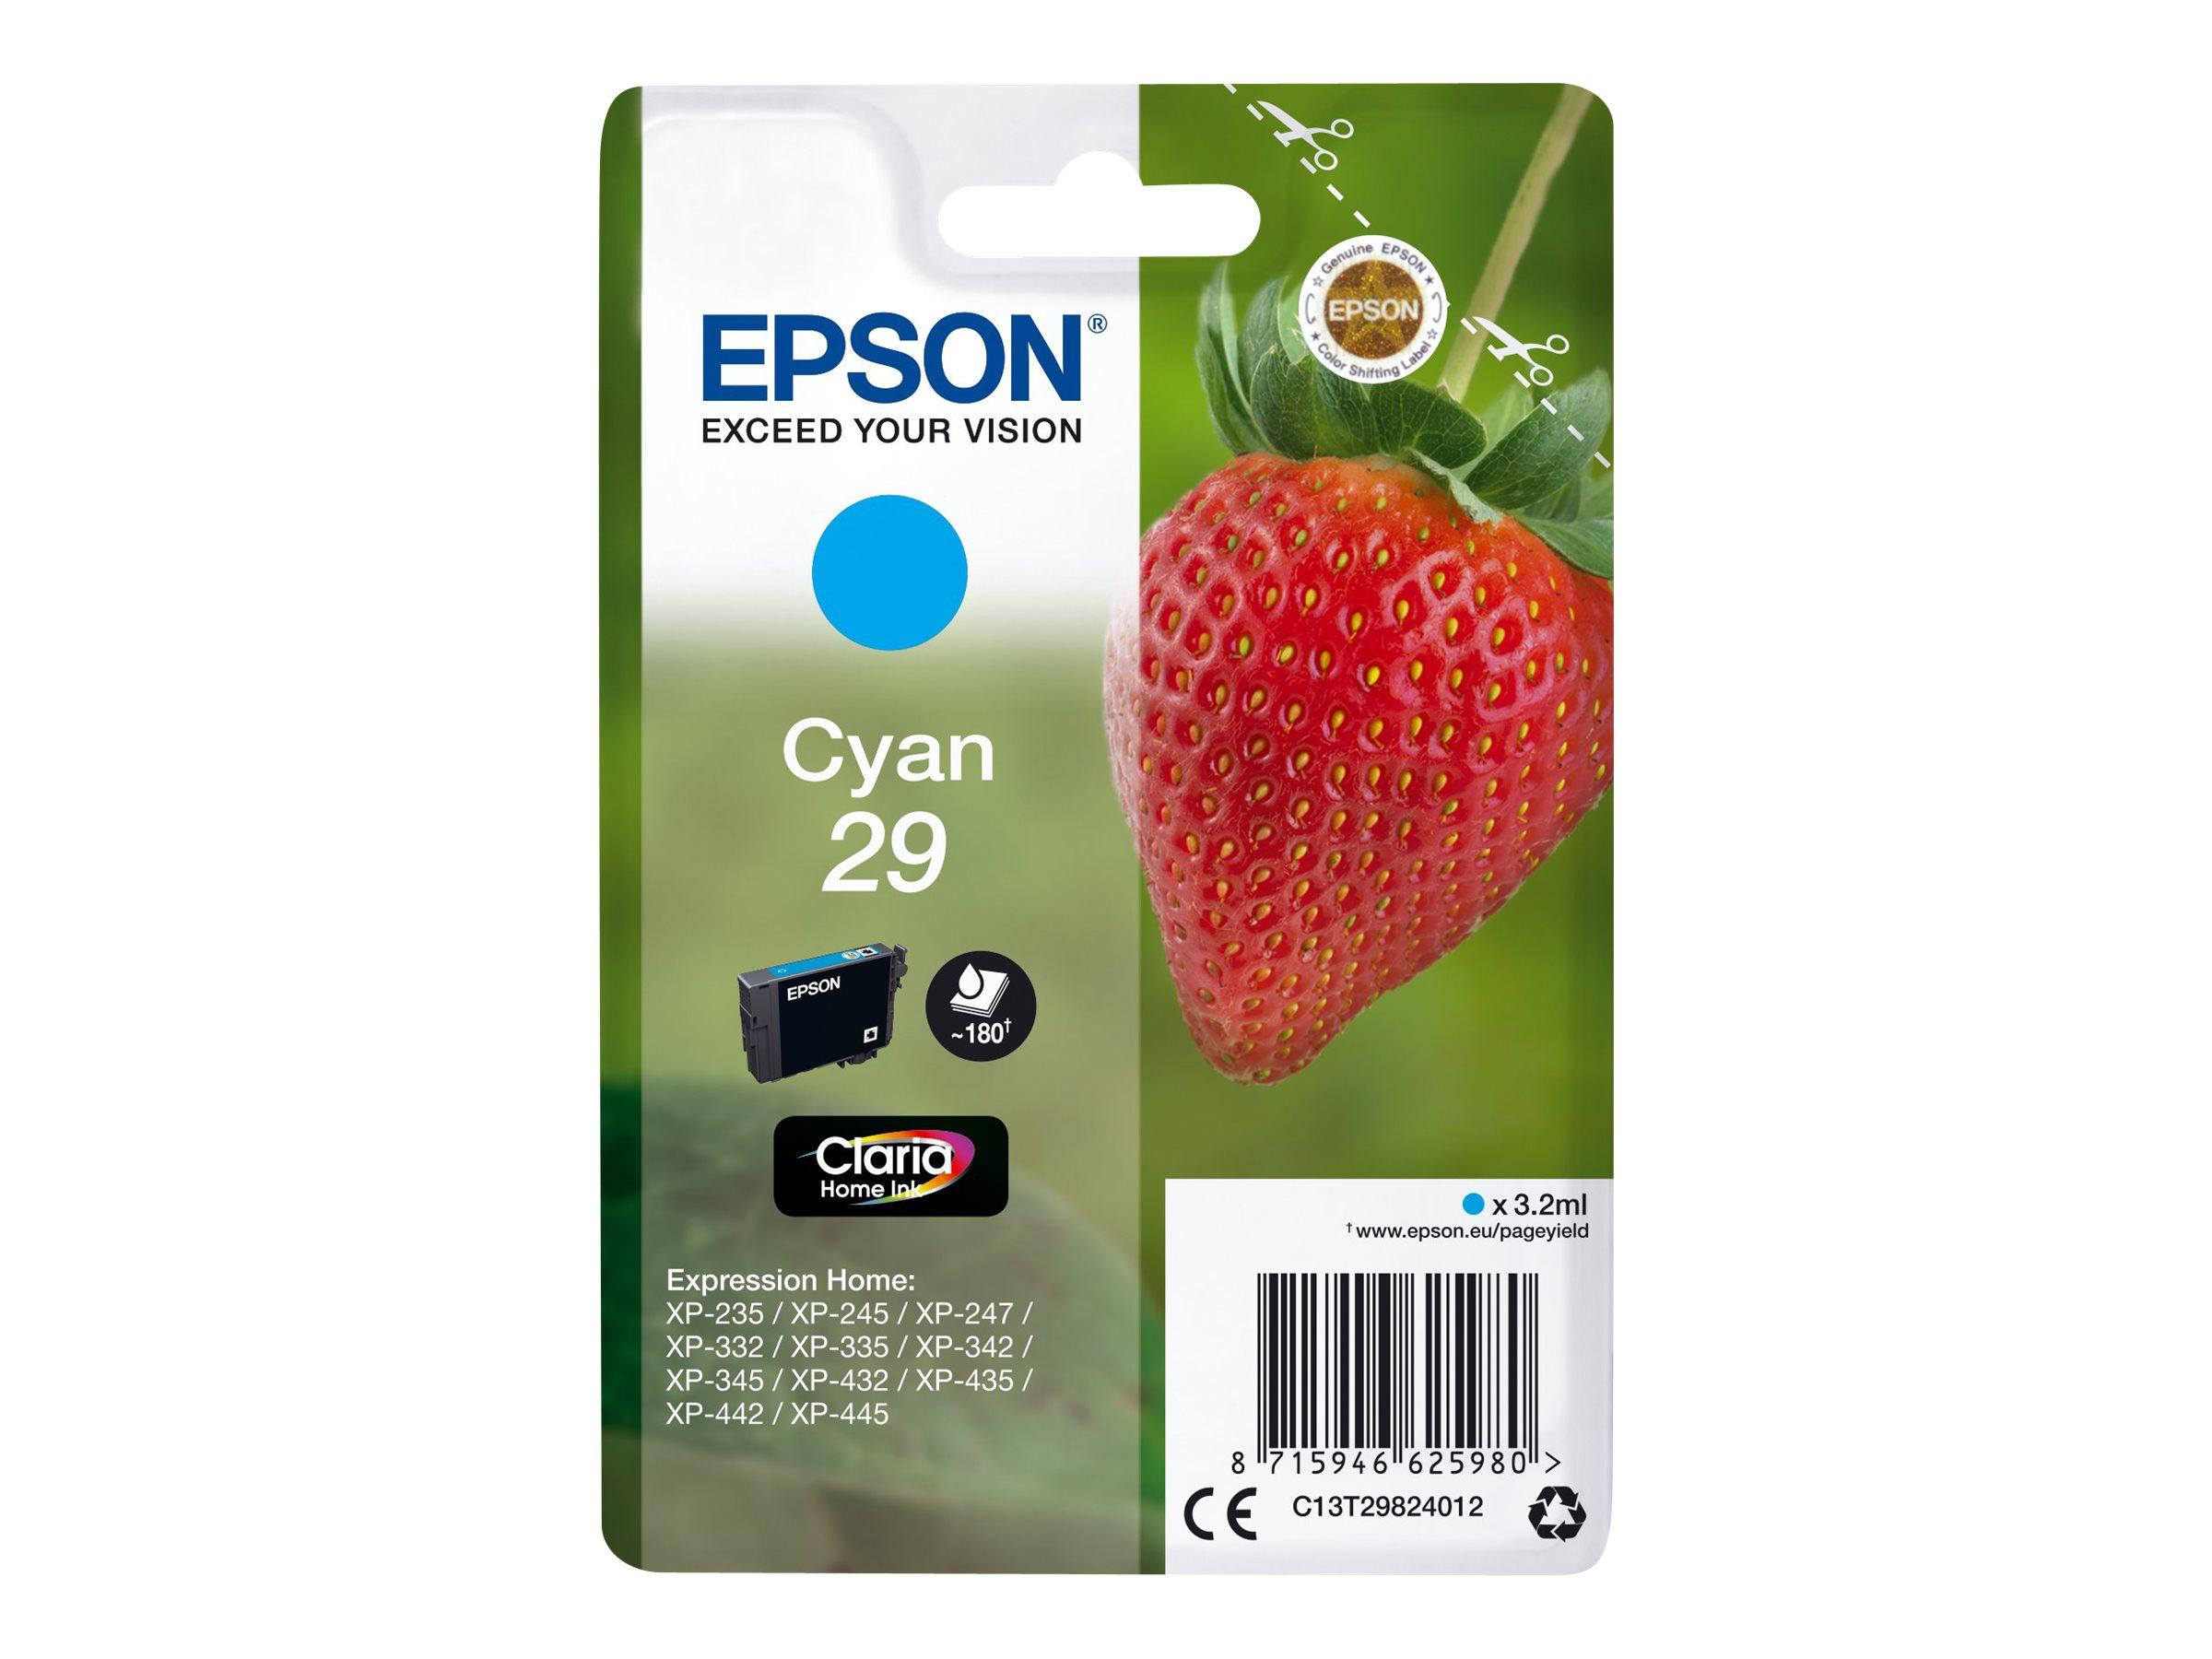 Epson 29 Fraise - cyan - cartouche d'encre originale